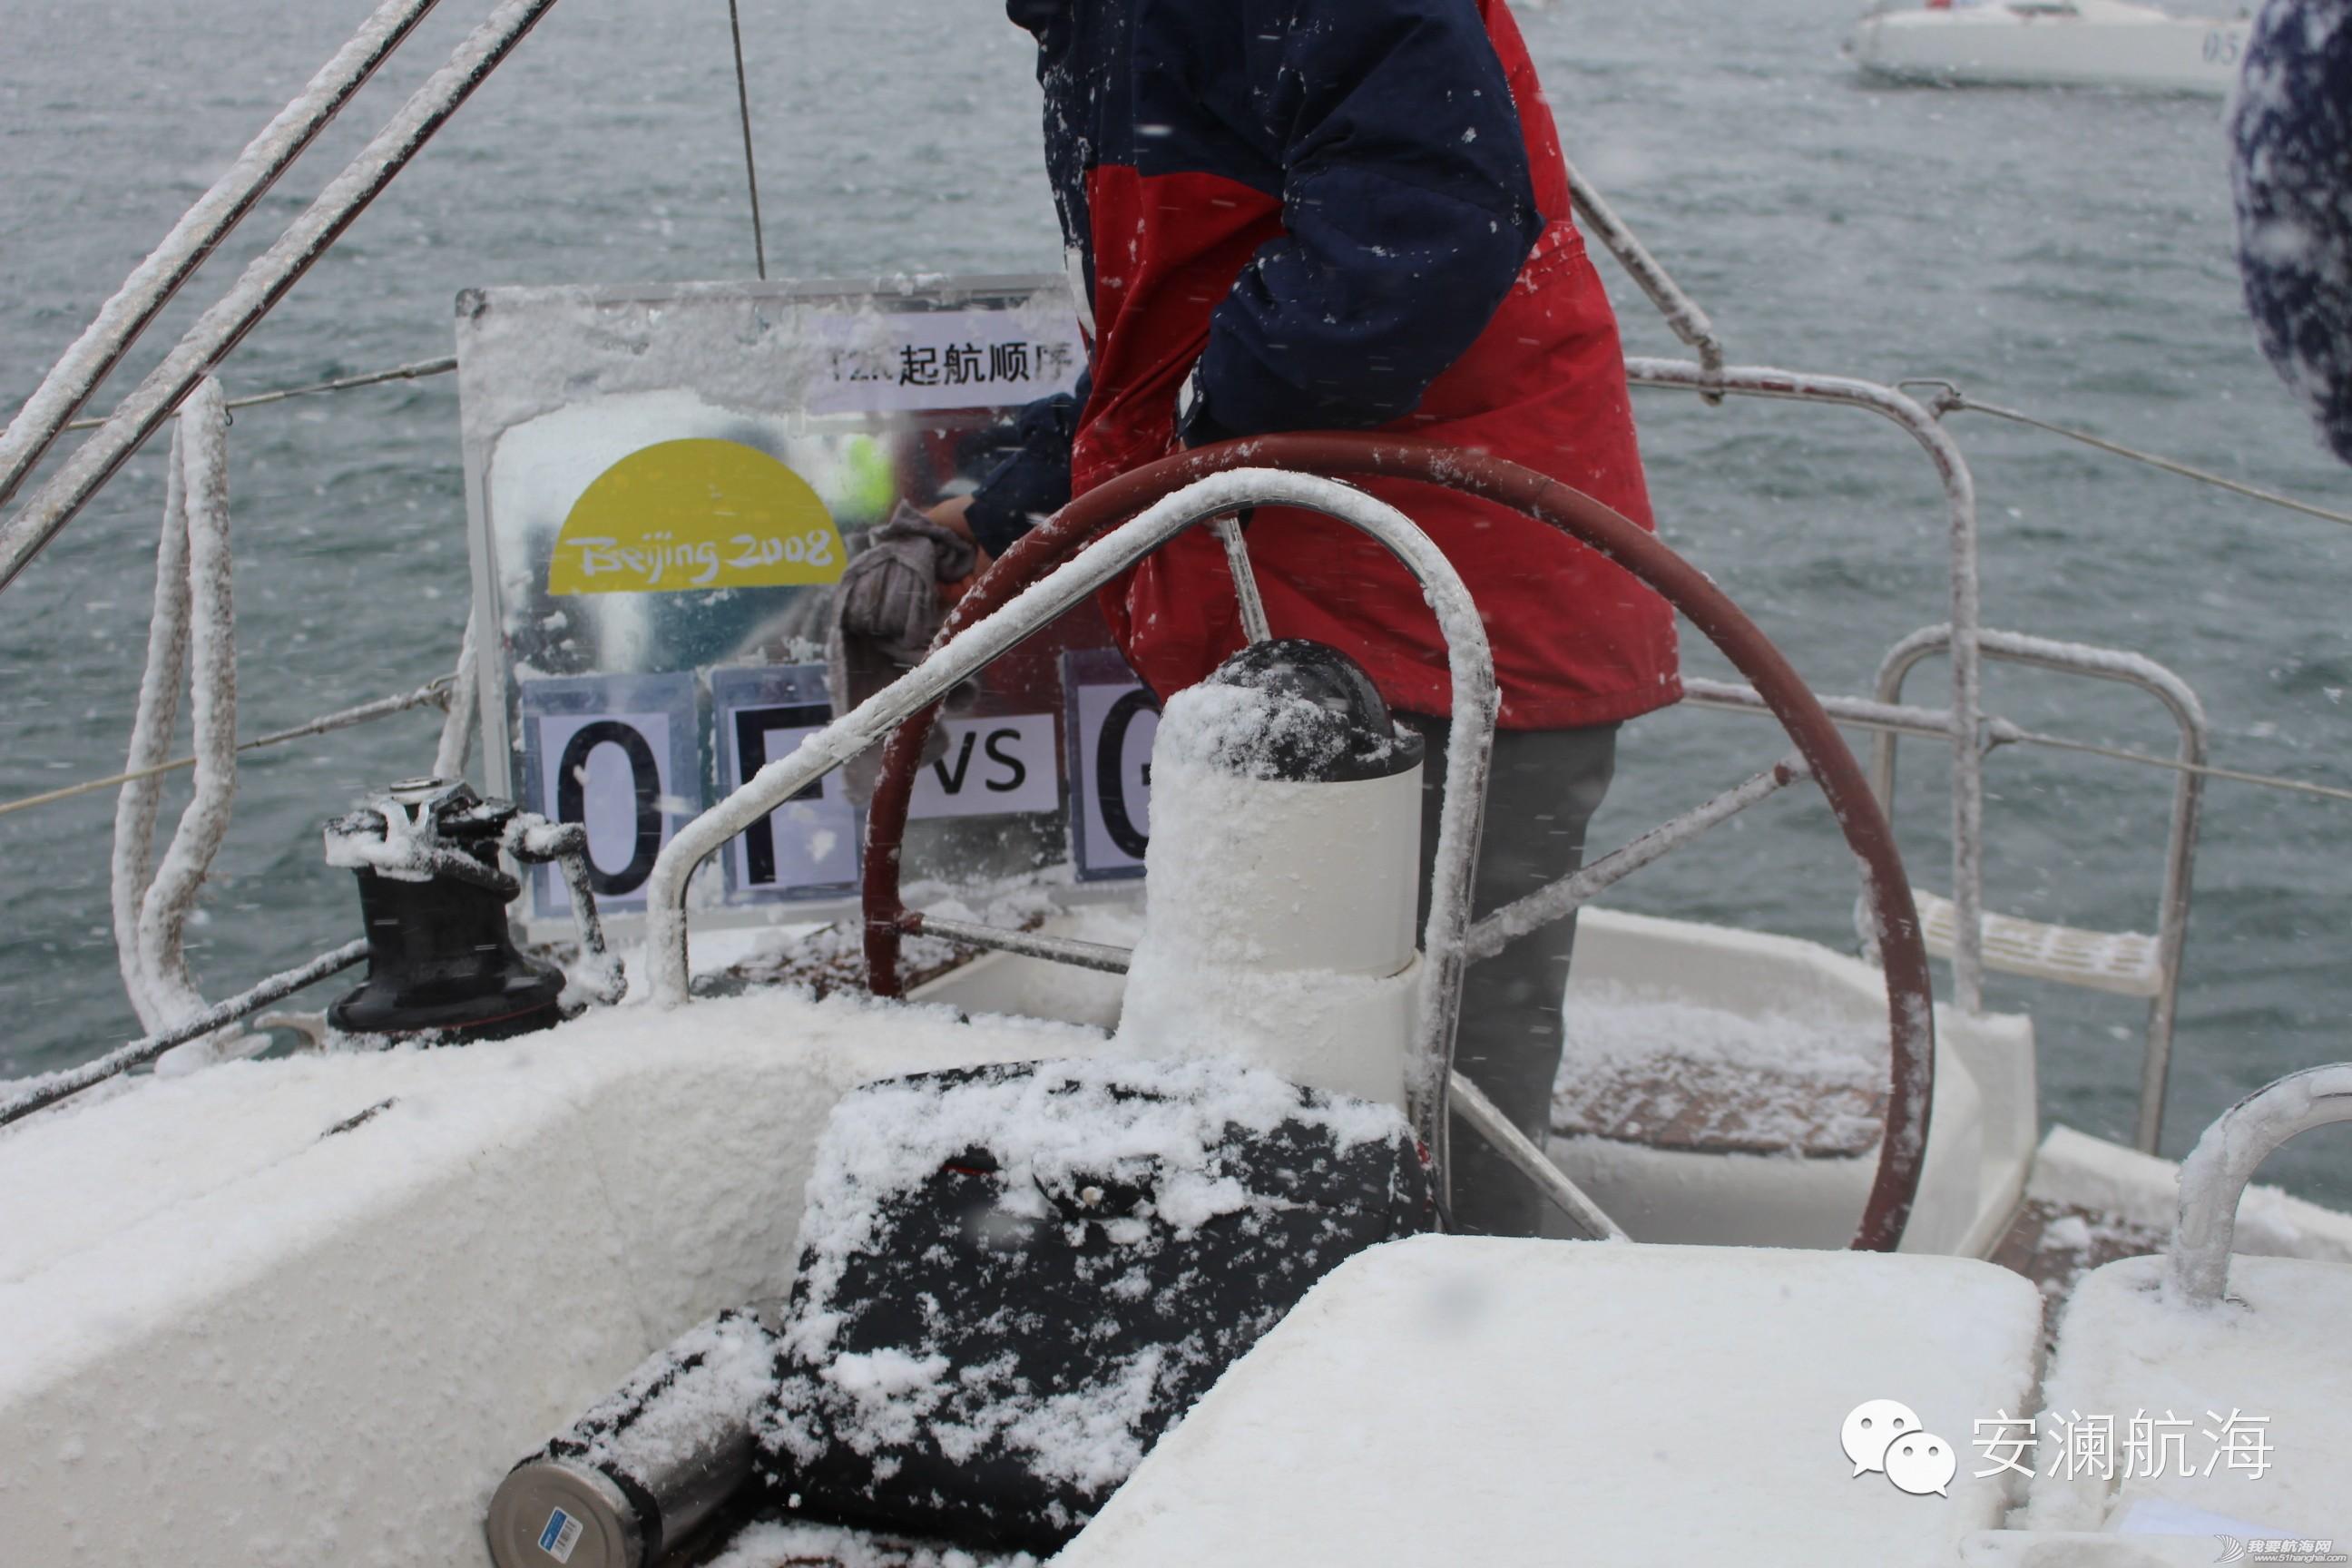 工作人员,坚守岗位,对讲机,玩意儿,小伙子 也是蛮拼的|2015'新年杯'帆船赛事工作人员